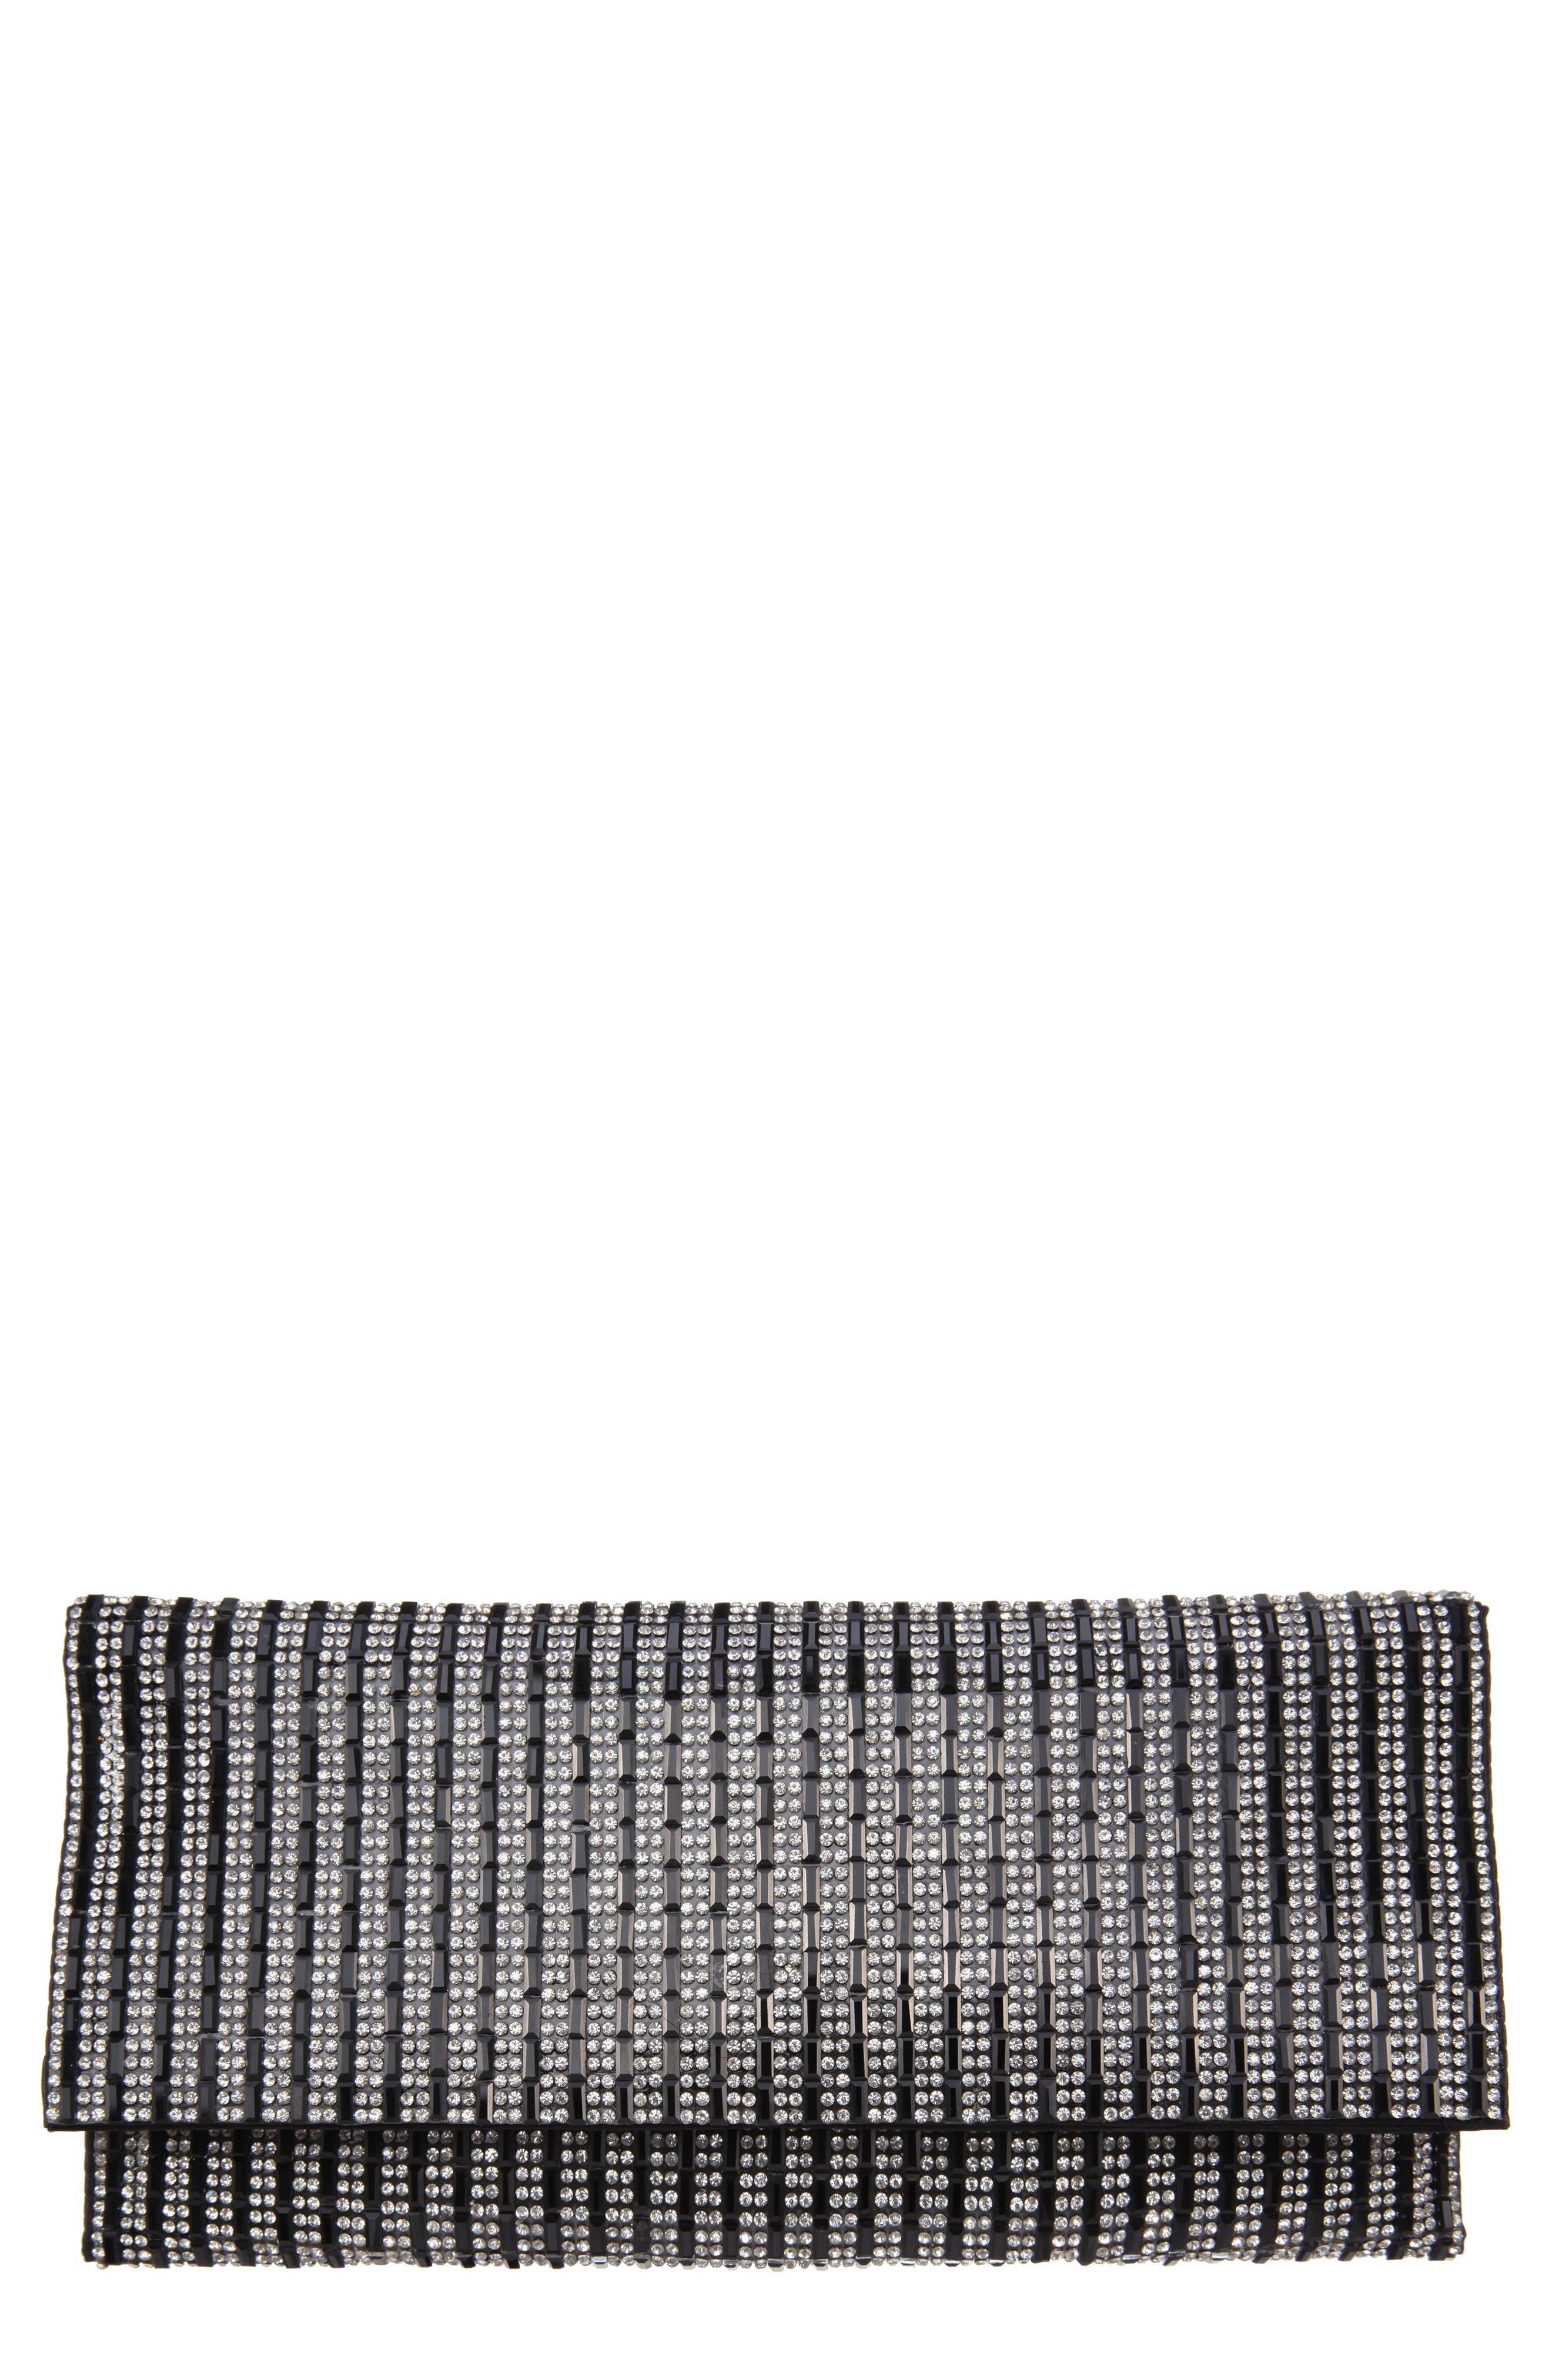 Crystal Embellished Clutch,                         Main,                         color, BLACK/ WHITE